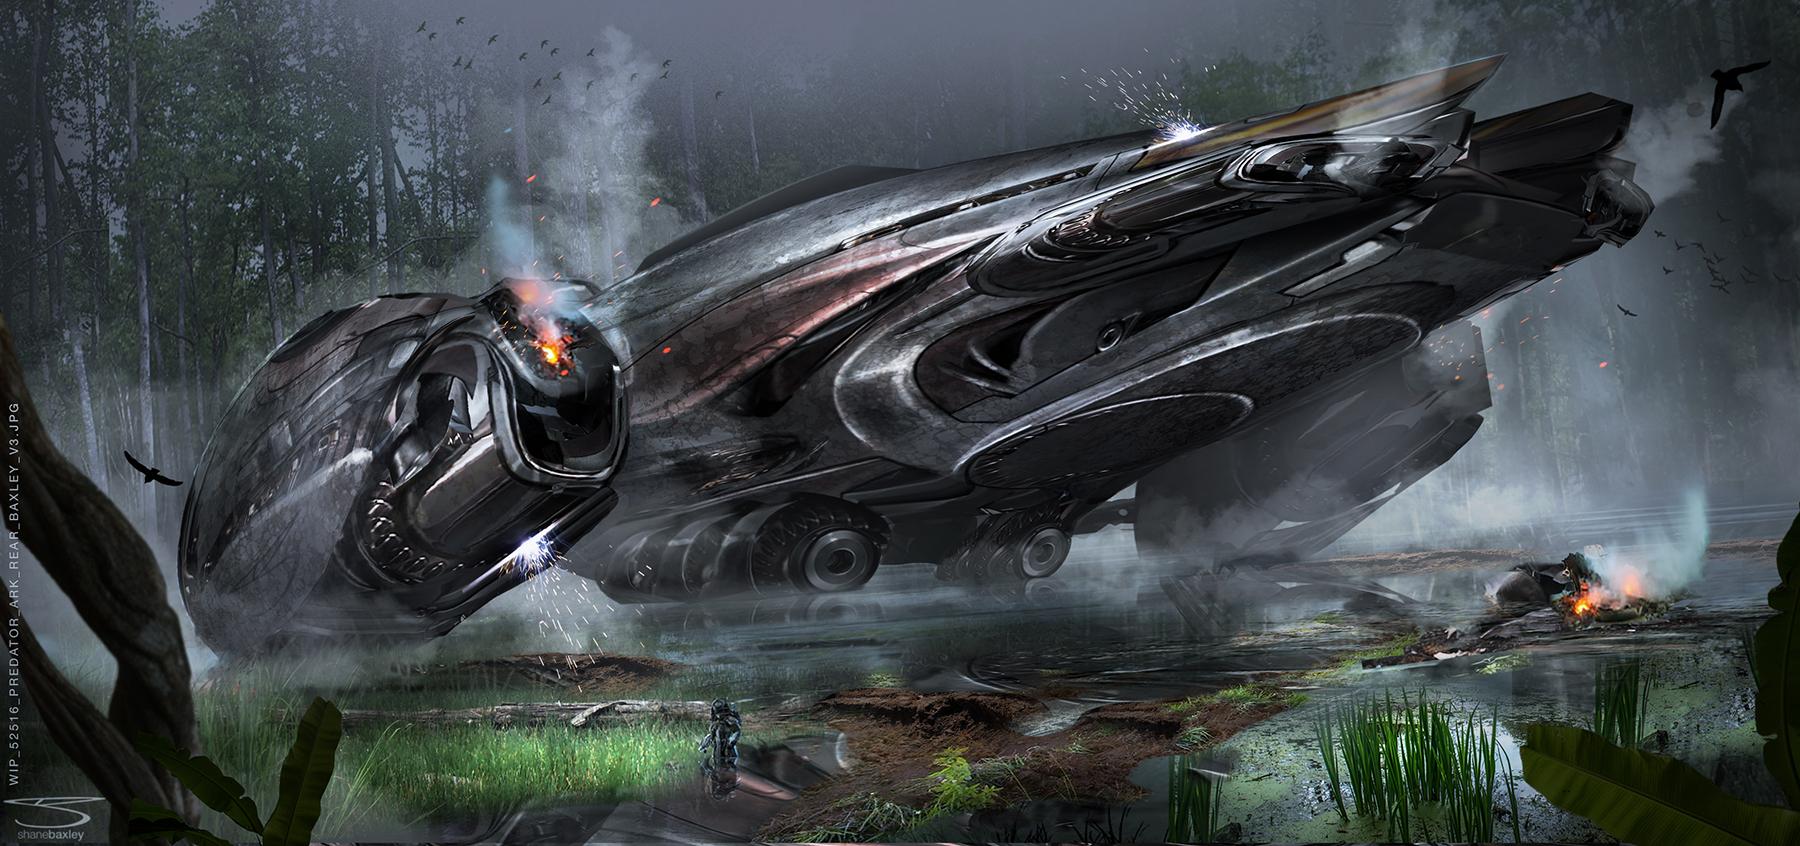 52416_BAXLEY_predator_ark-rear_v1.B_lO.jpg